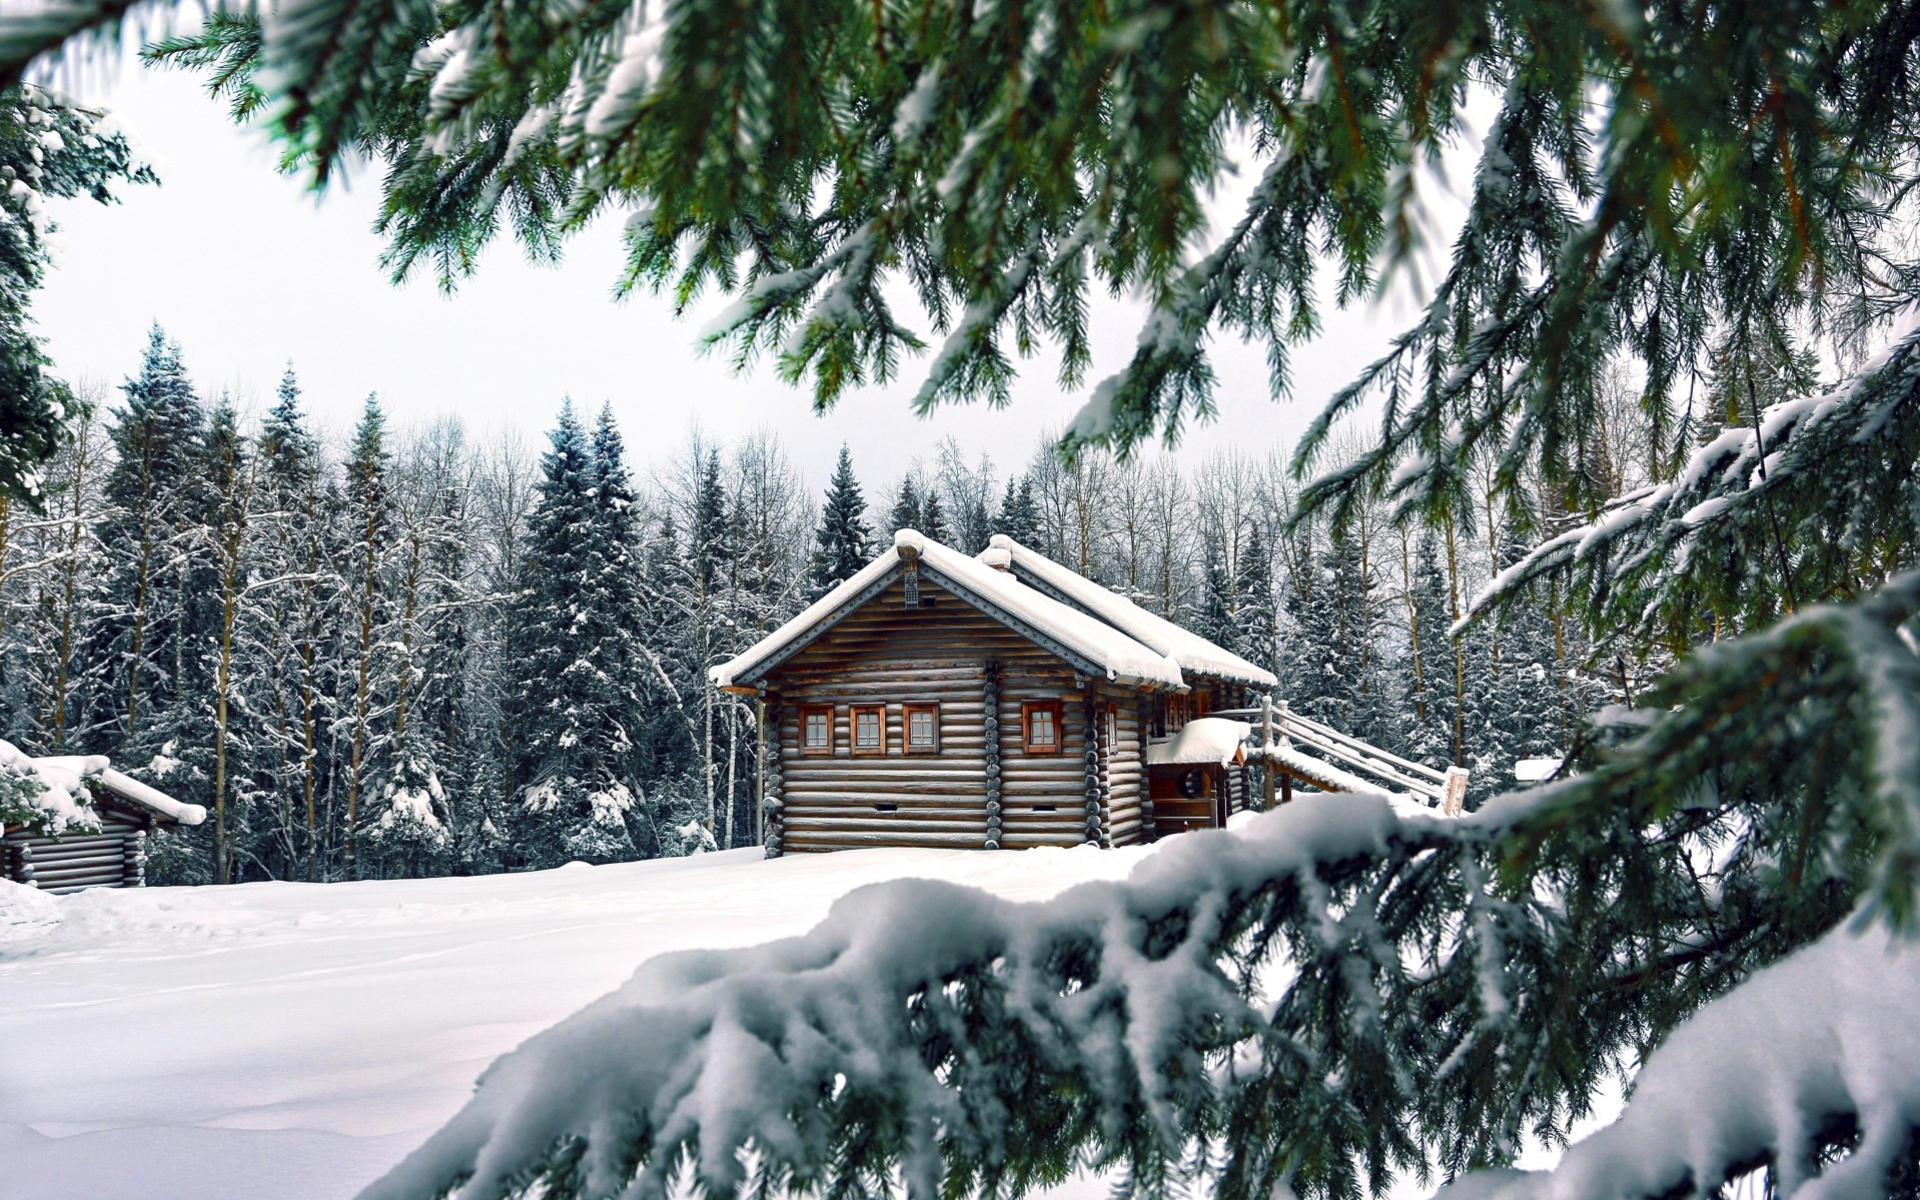 Домик в снежном лесу - C наступающим новым годом 2017 поздравительные картинки